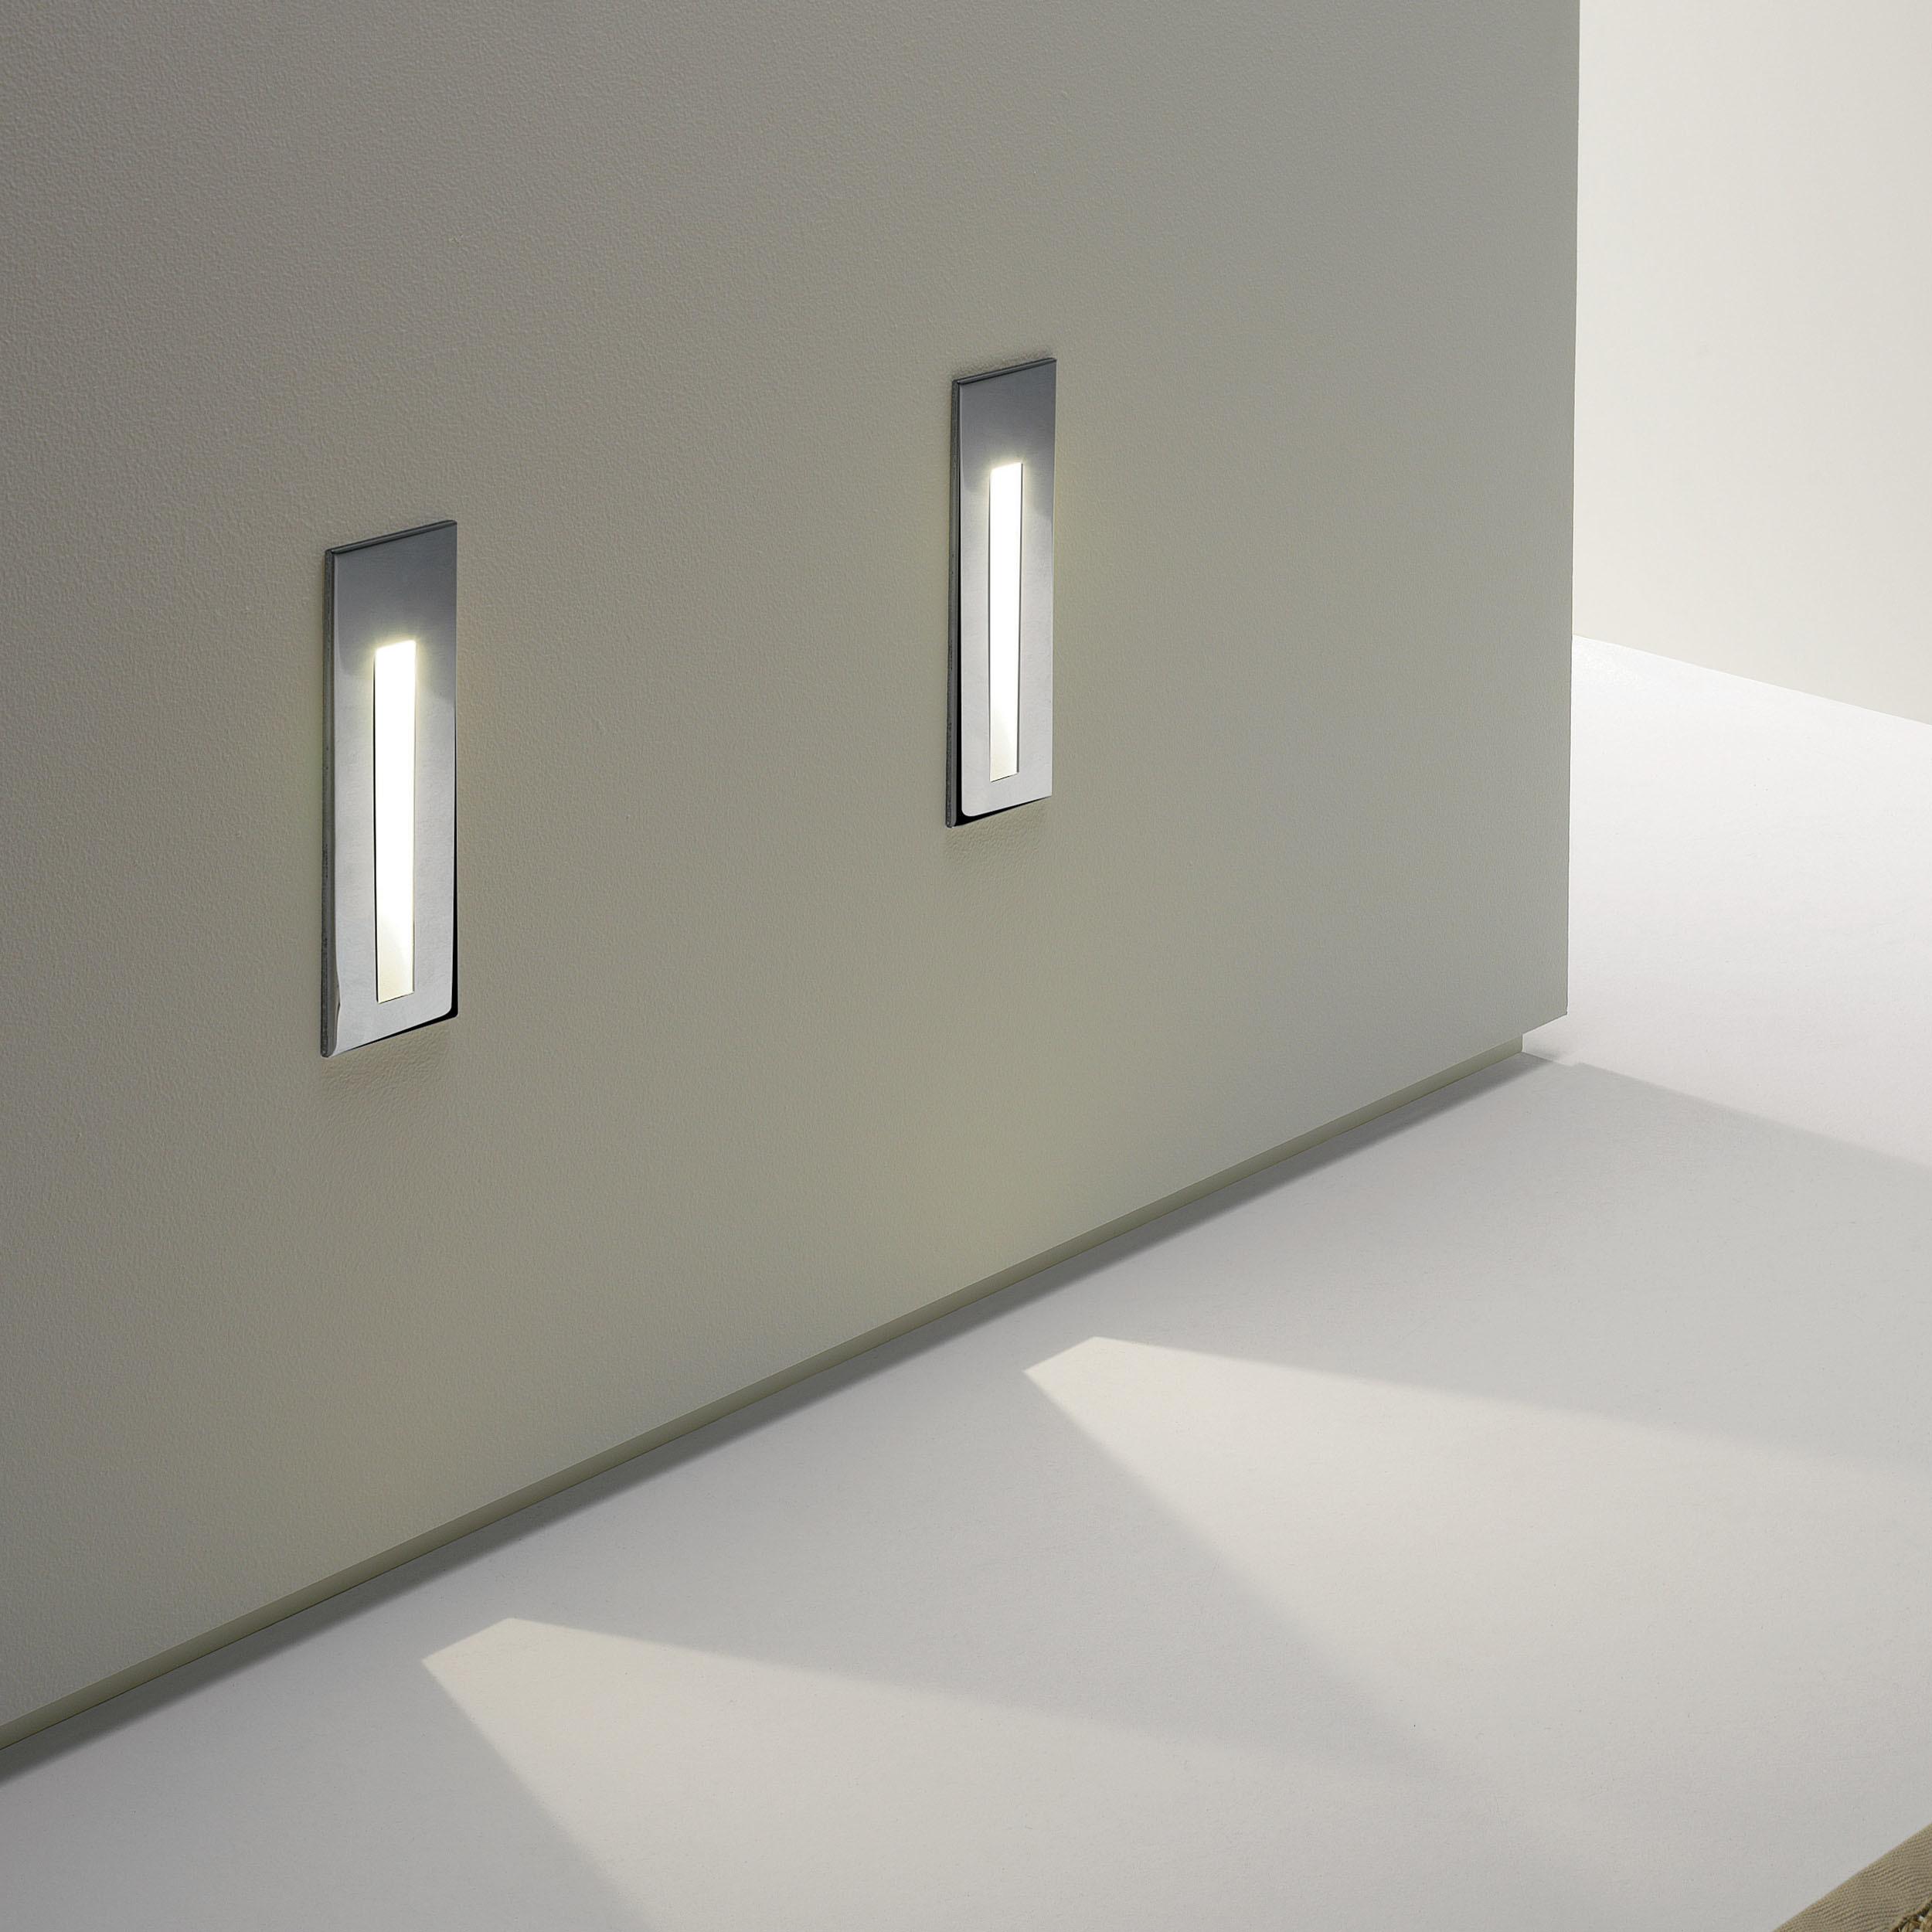 Встраиваемый настенный светодиодный светильник Astro Borgo 1212002 (971), LED 2W 3000K 38.8lm CRI80, хром, металл - фото 5